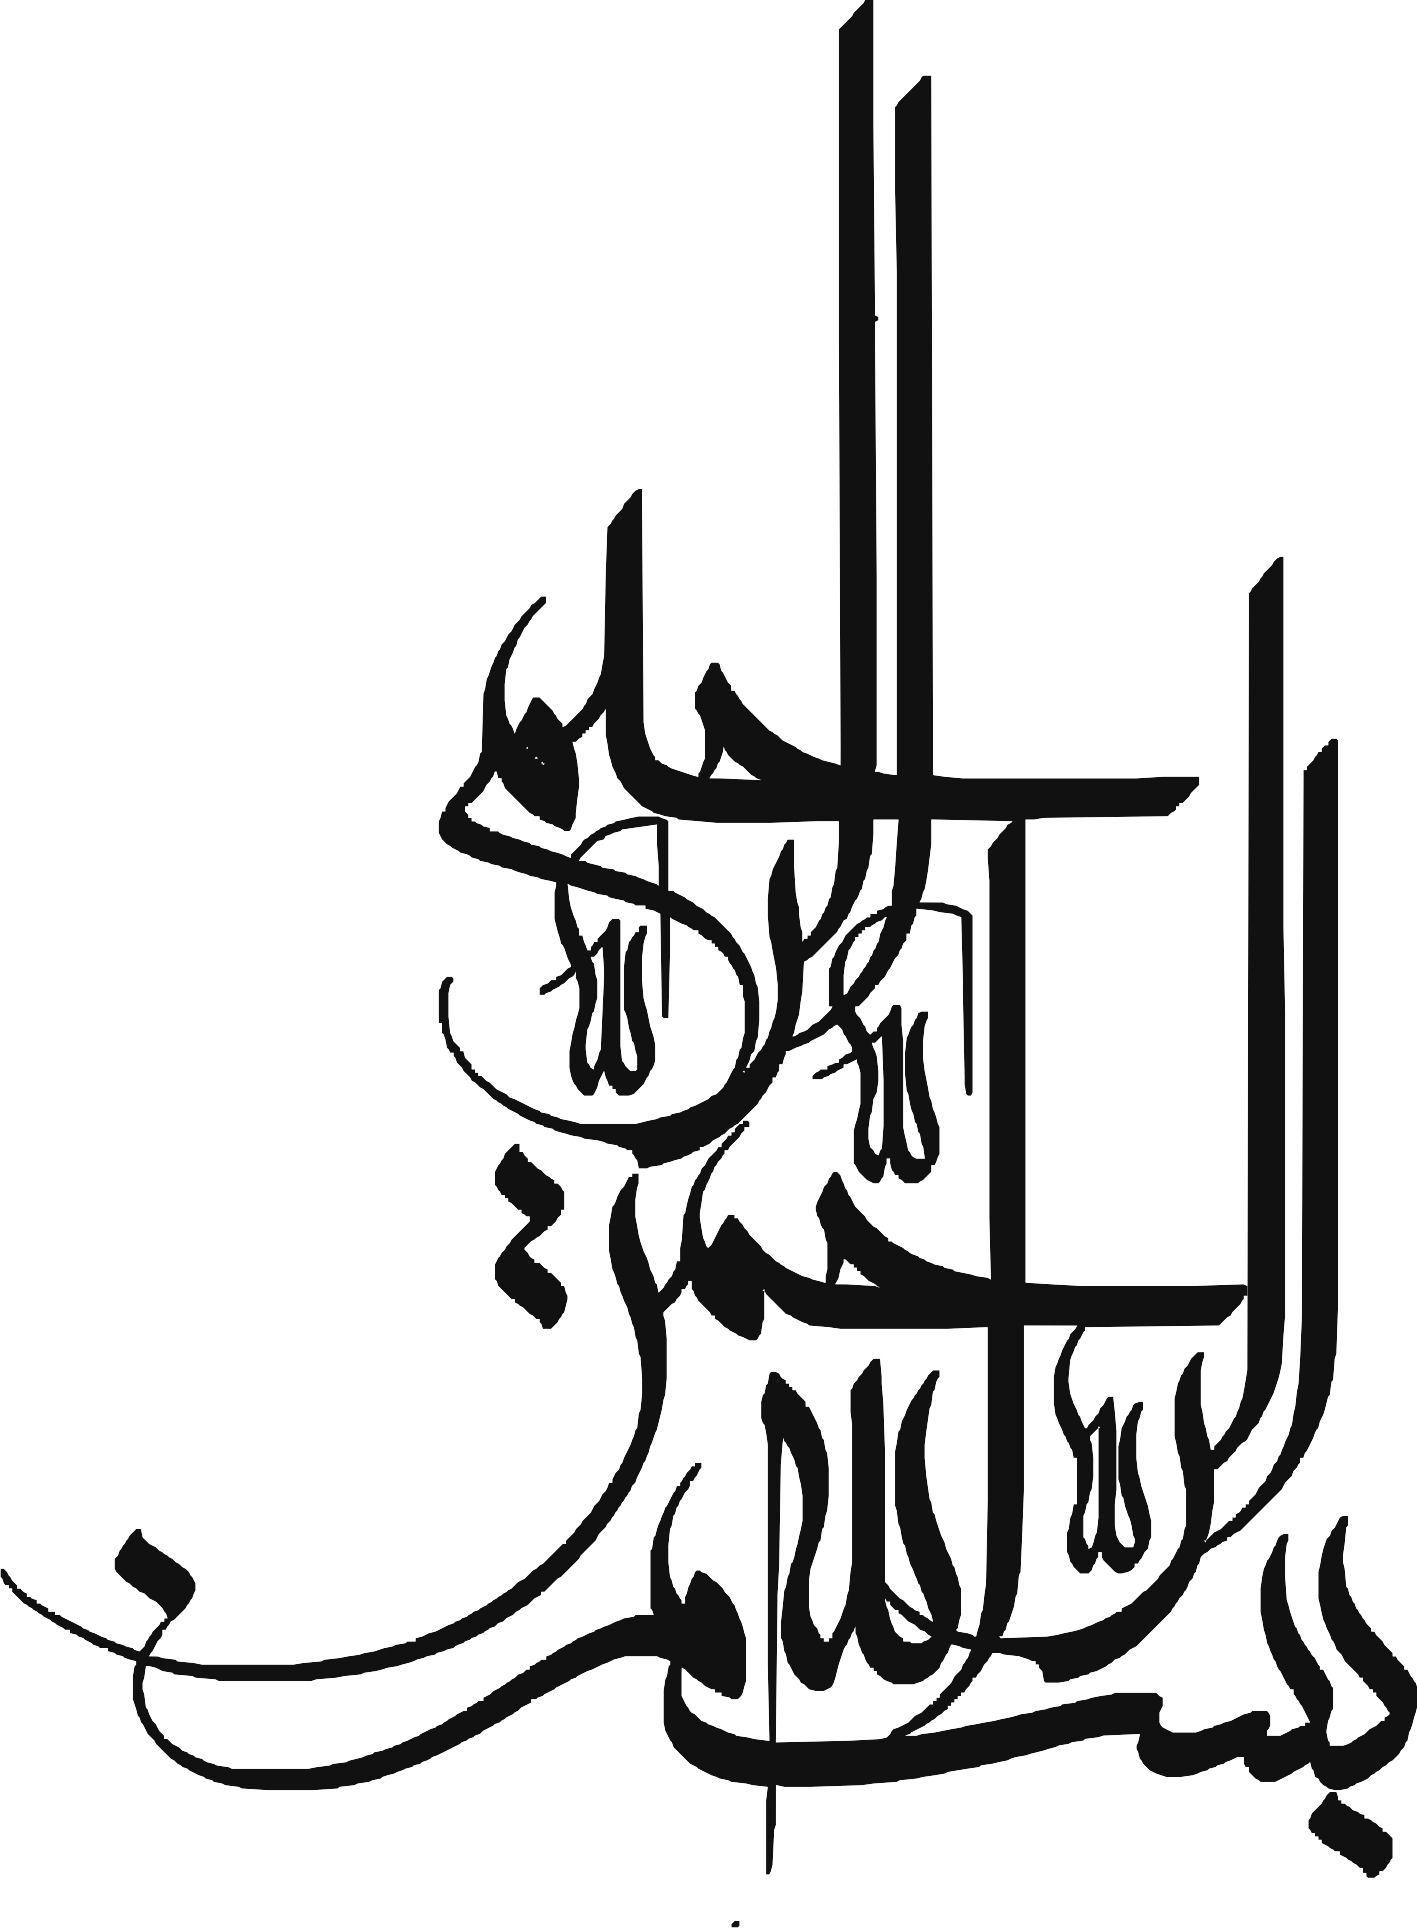 19 - طرح های  بسم الله الرحمن الرحیم برای مقاله و پایان نامه